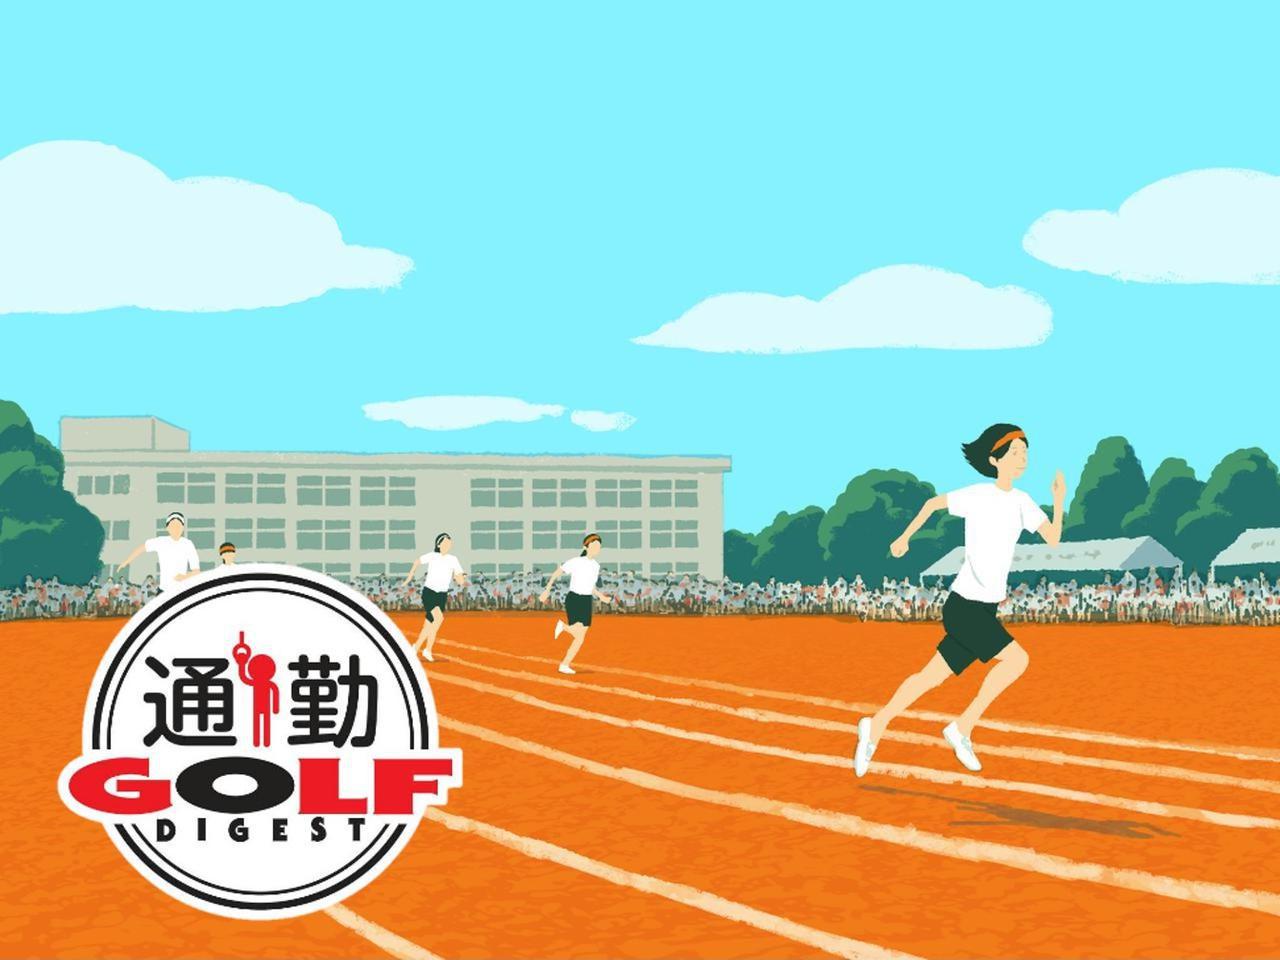 画像: 【通勤GD】Dr.クォンの反力打法 Vol.44 足が速い人はスウィングも速い? ゴルフダイジェストWEB - ゴルフへ行こうWEB by ゴルフダイジェスト